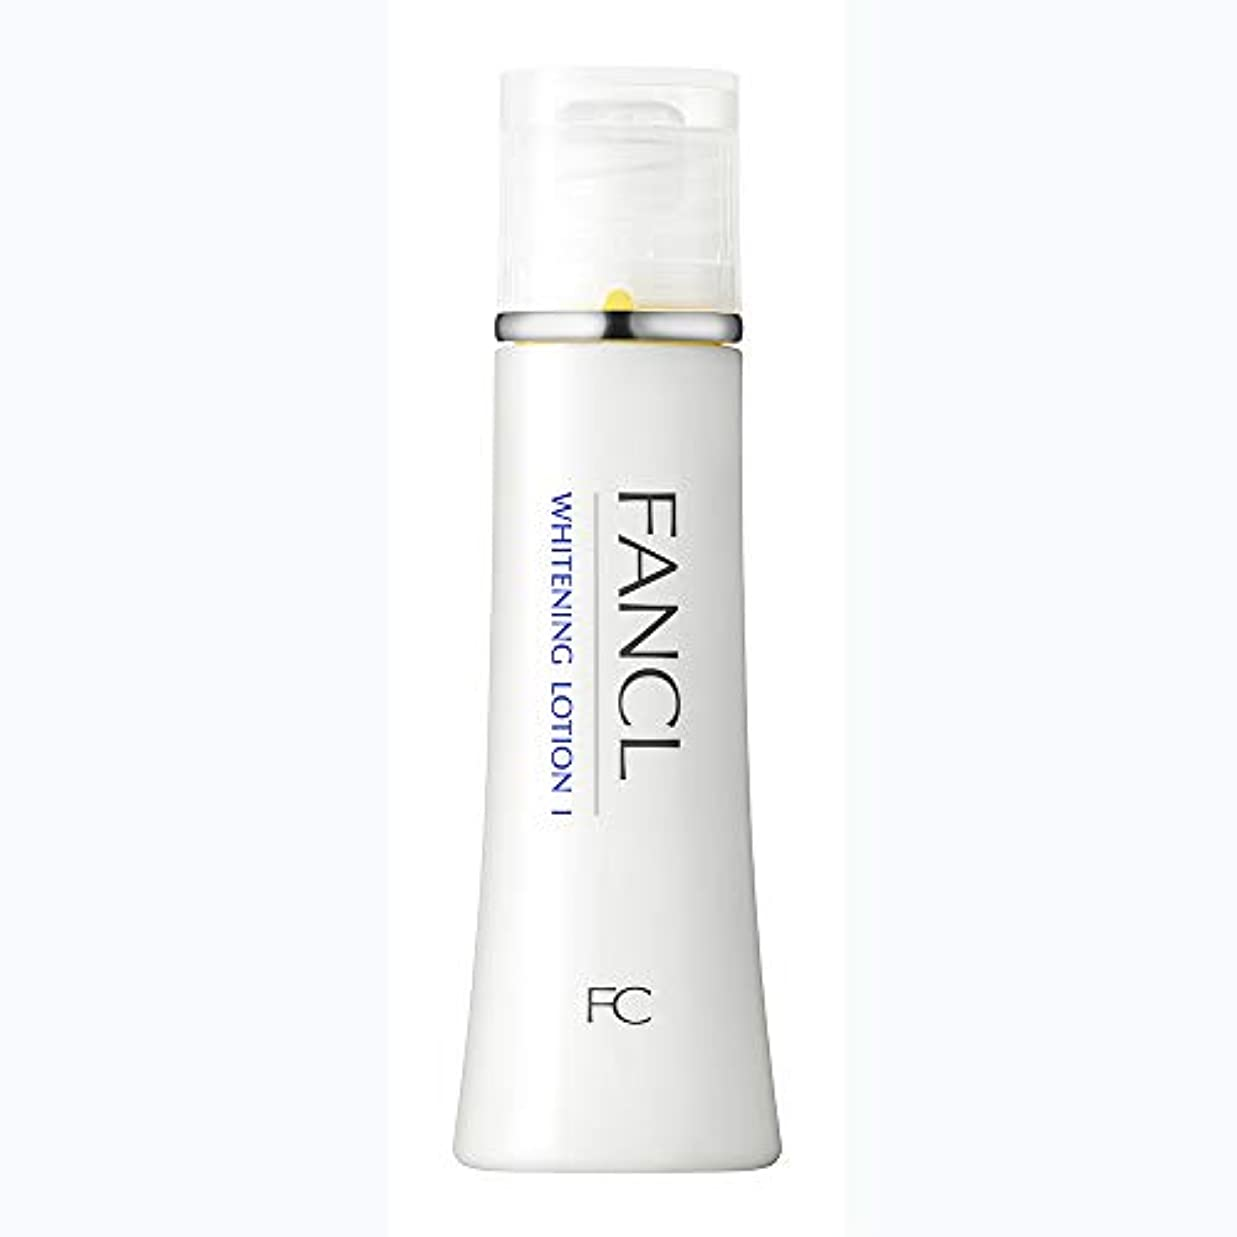 リテラシー造船無効ファンケル (FANCL) 新 ホワイトニング 化粧液 I さっぱり 1本 30mL (約30日分) 【医薬部外品】